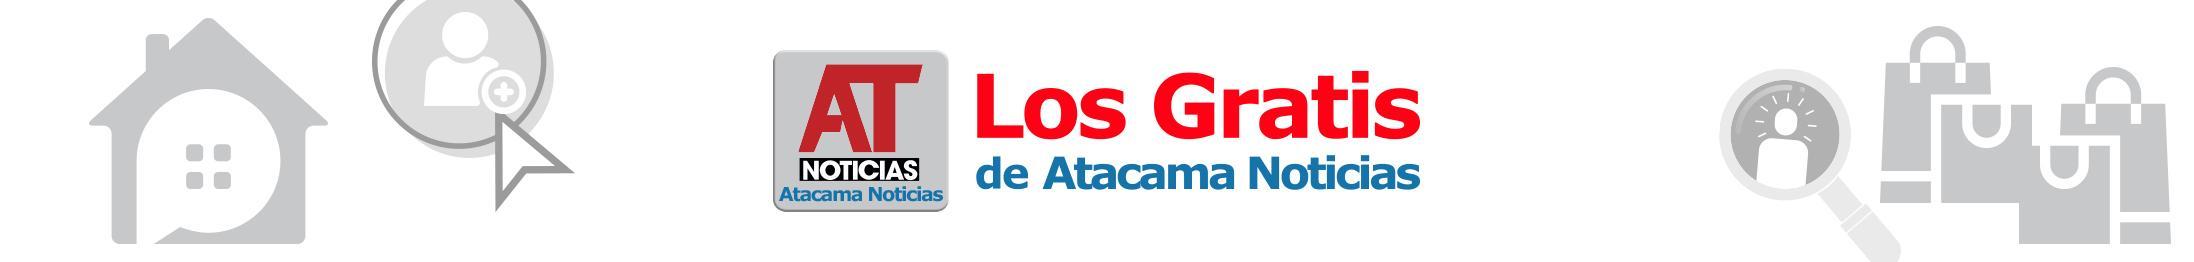 Los Gratis de Atacama Noticias